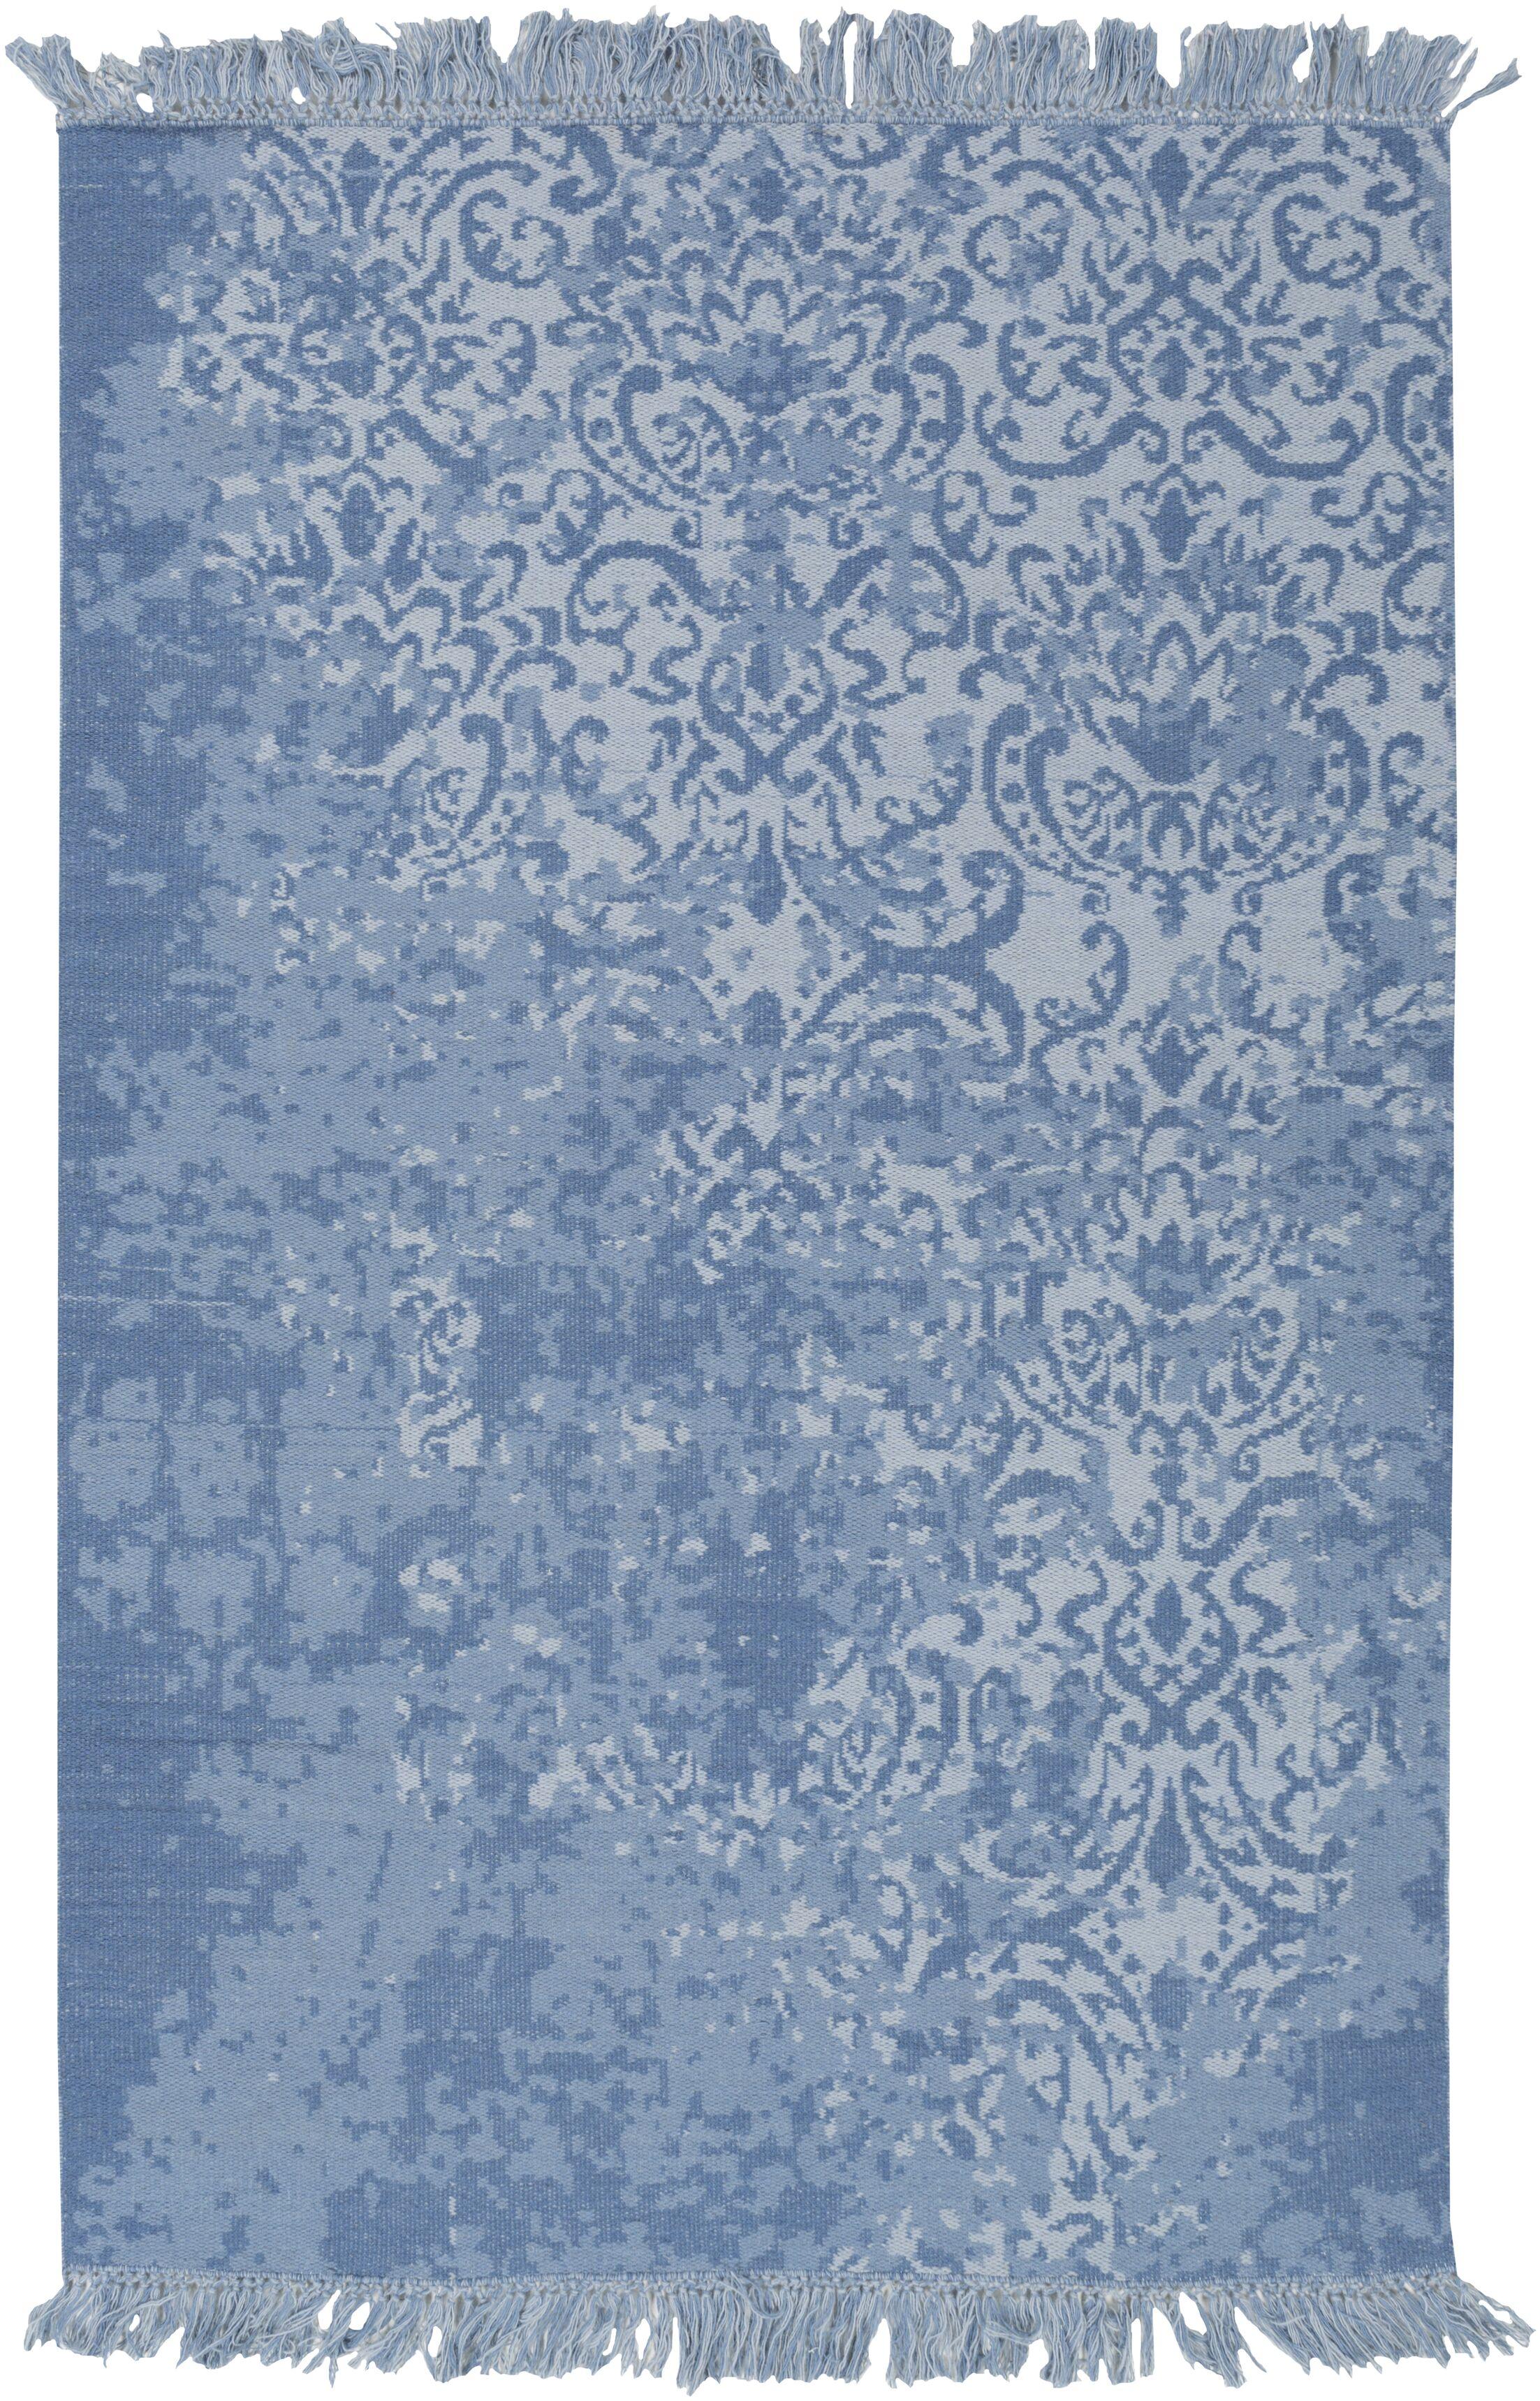 Cedartown Hand-Woven Blue Area Rug Rug Size: Rectangle 4' x 6'